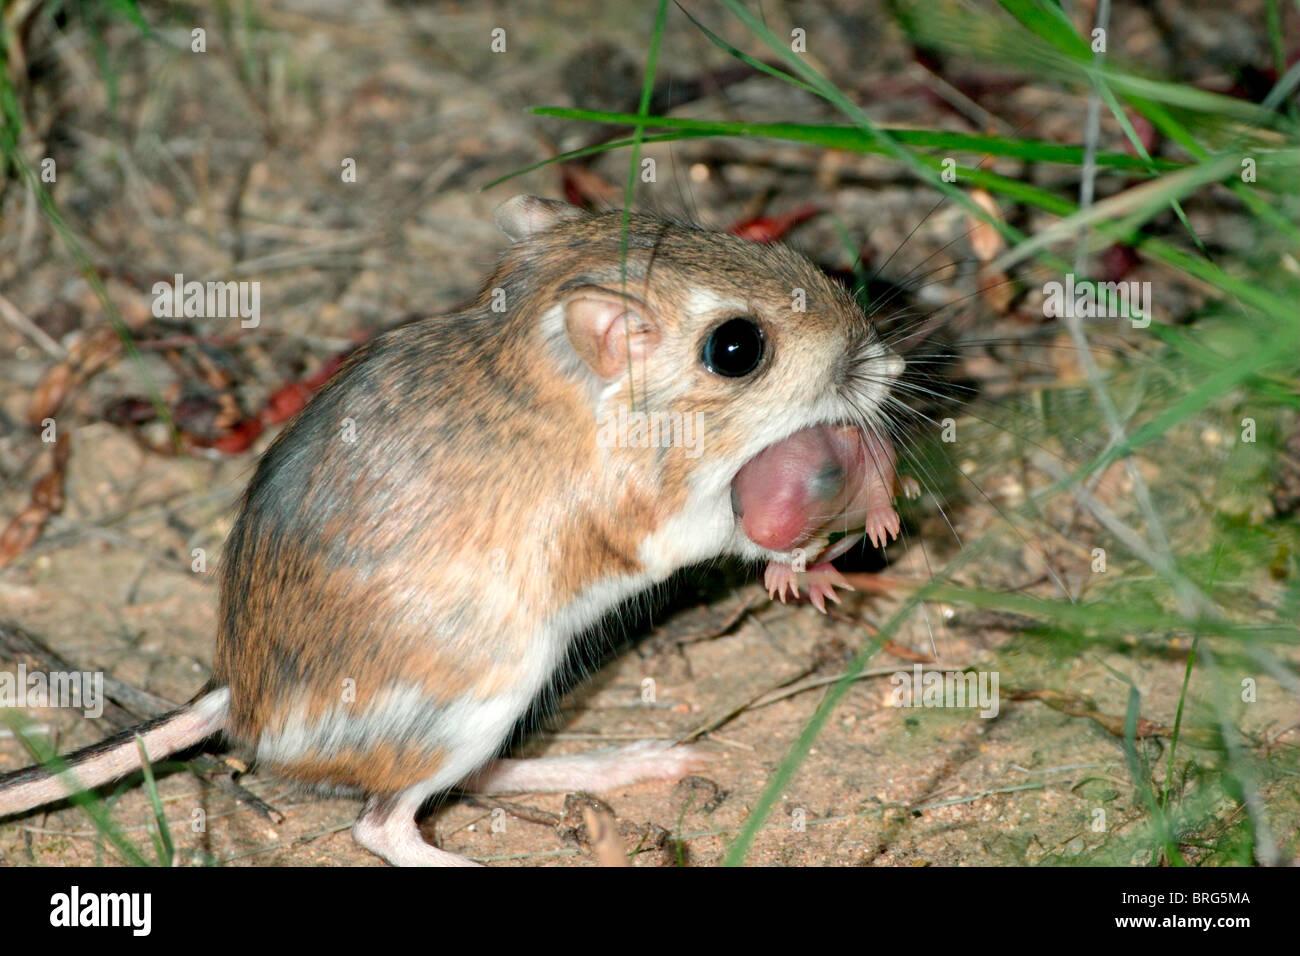 merriam kangaroo rat carrying